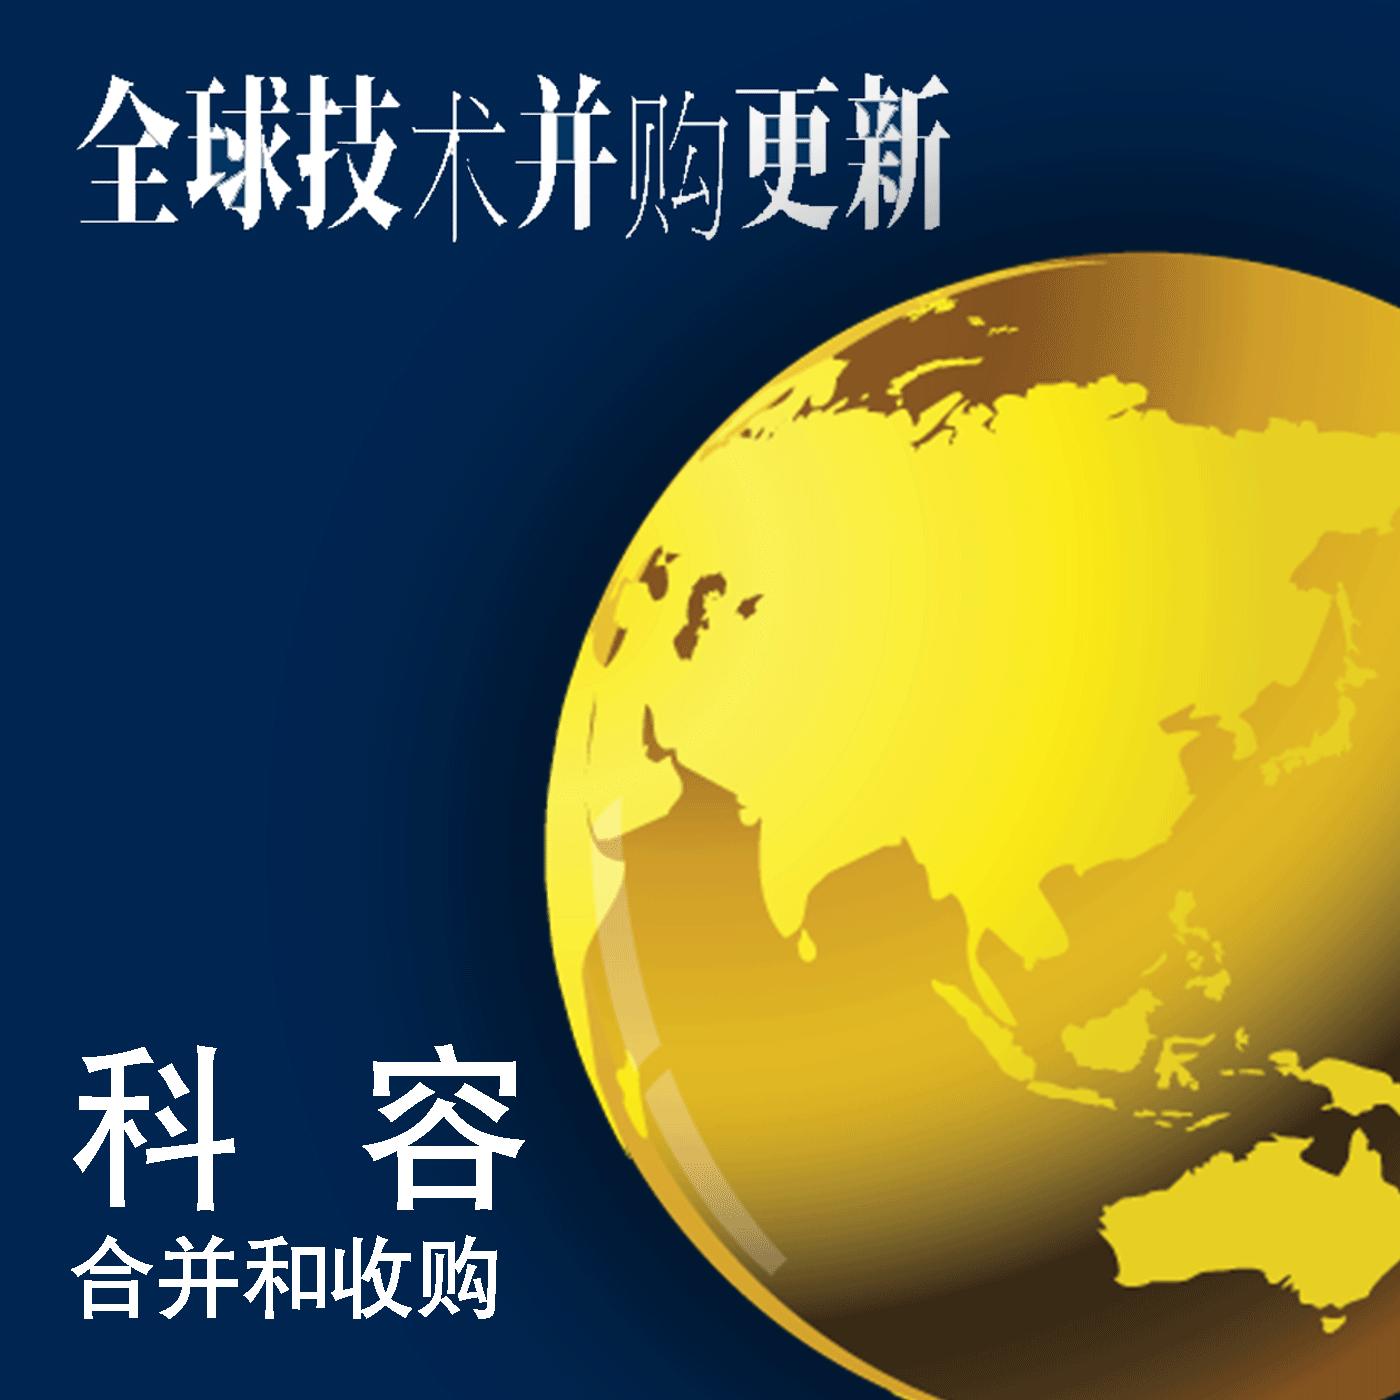 全球技术并购更新 logo